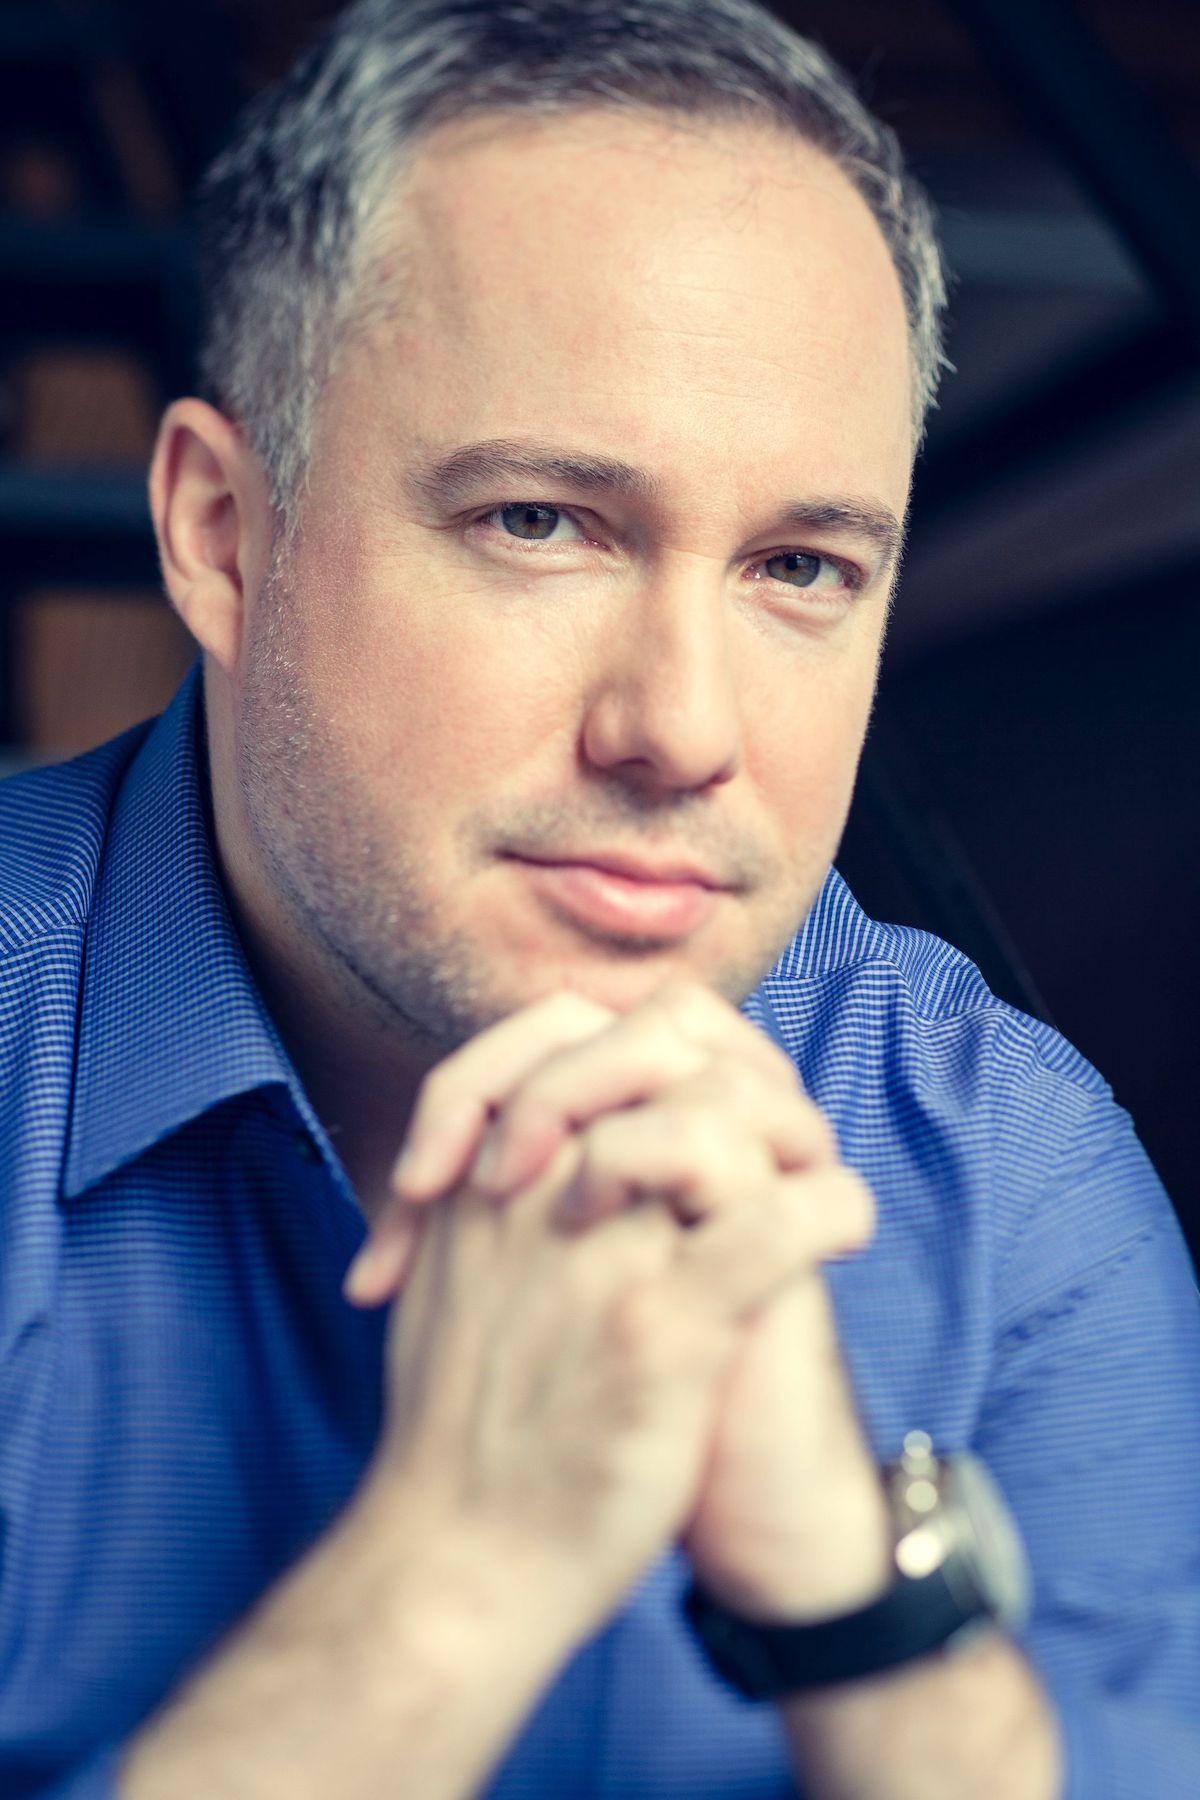 Daniel Živica